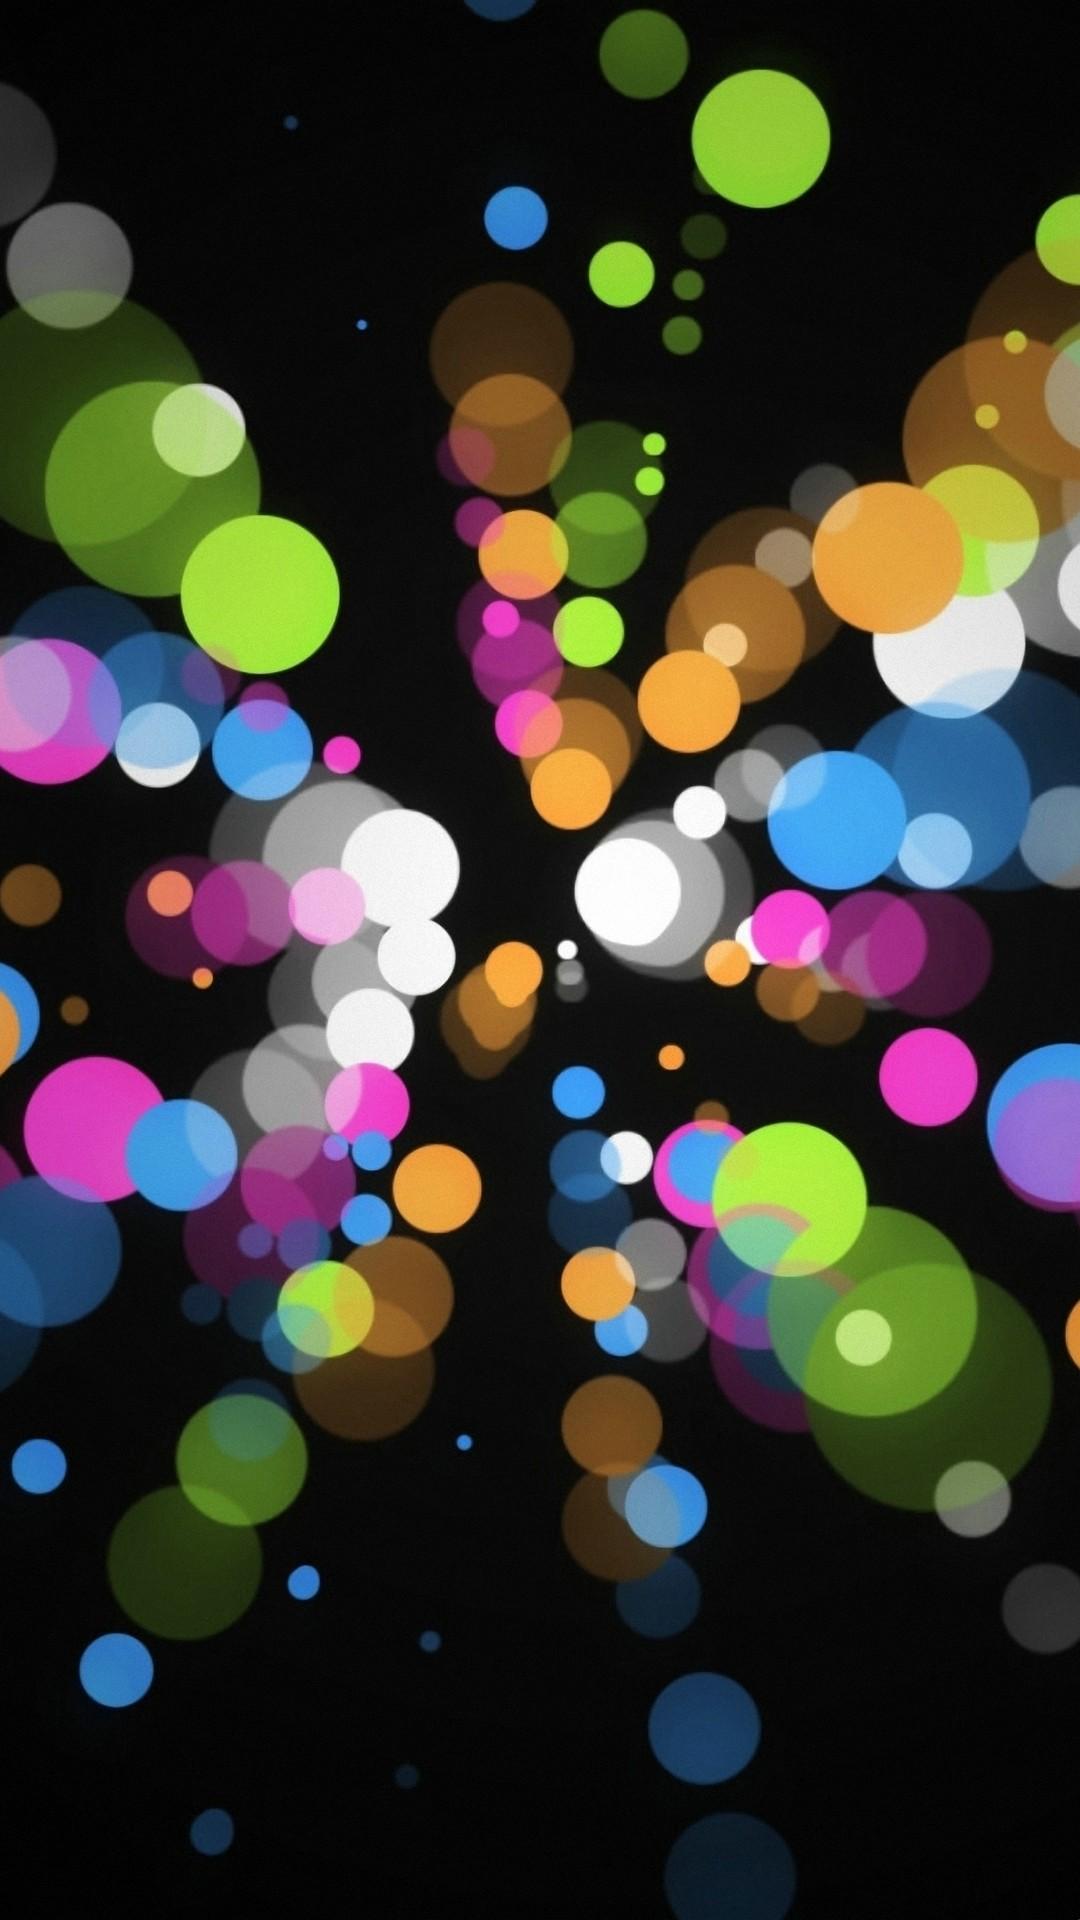 Active Colors Wallpaper